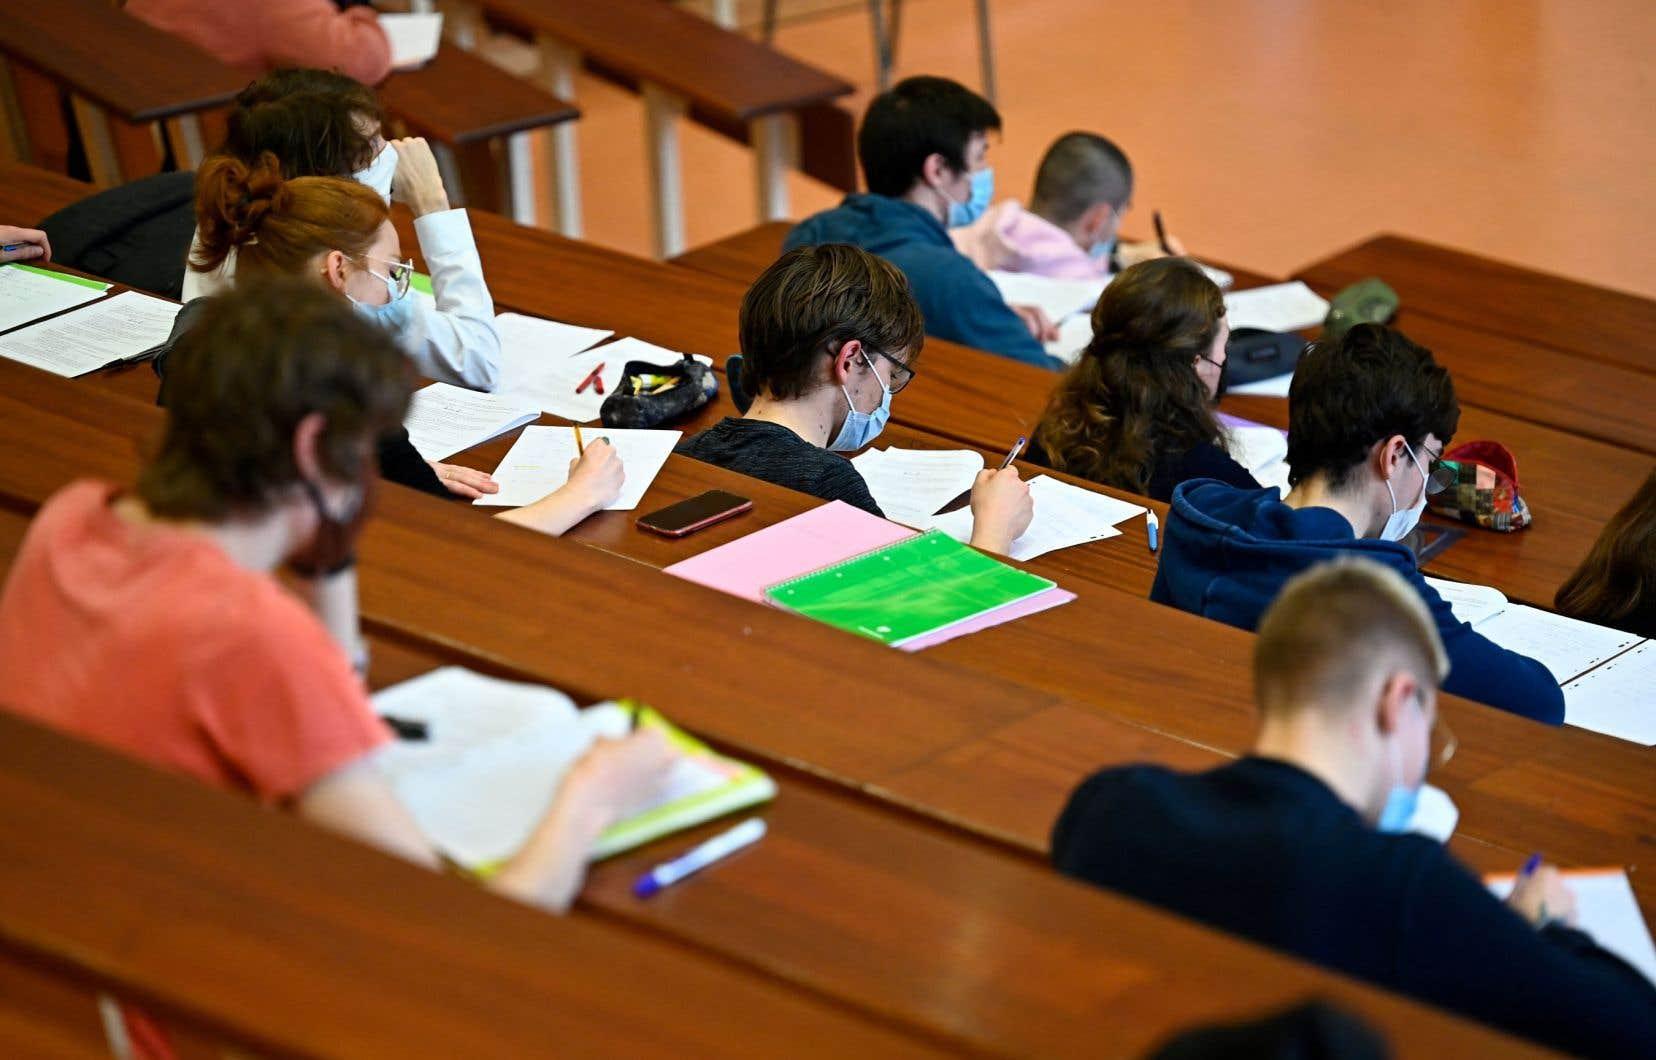 «Chaque discipline, chaque faculté, chaque domaine universitaire peut comporter son lot de sujets sensibles», précise l'autrice.